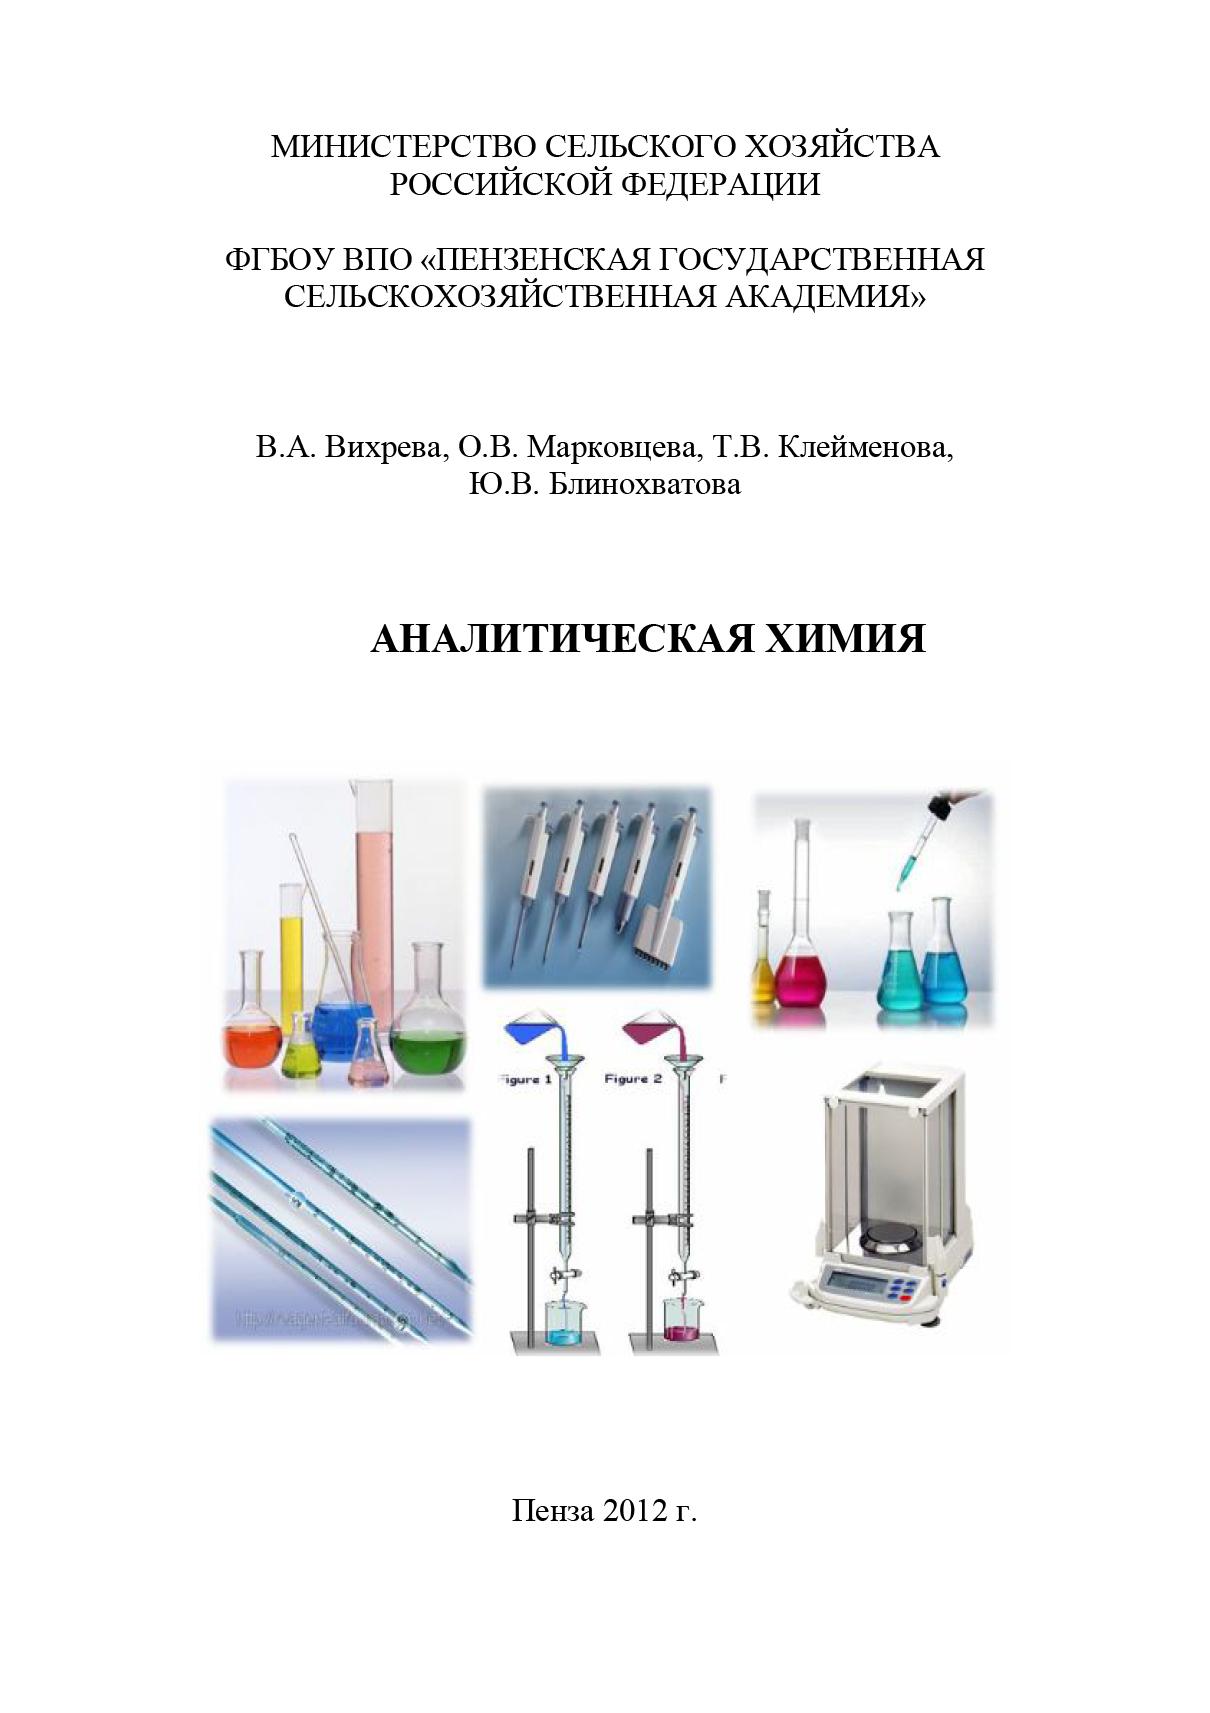 Ю. В. Блинохватова Аналитическая химия